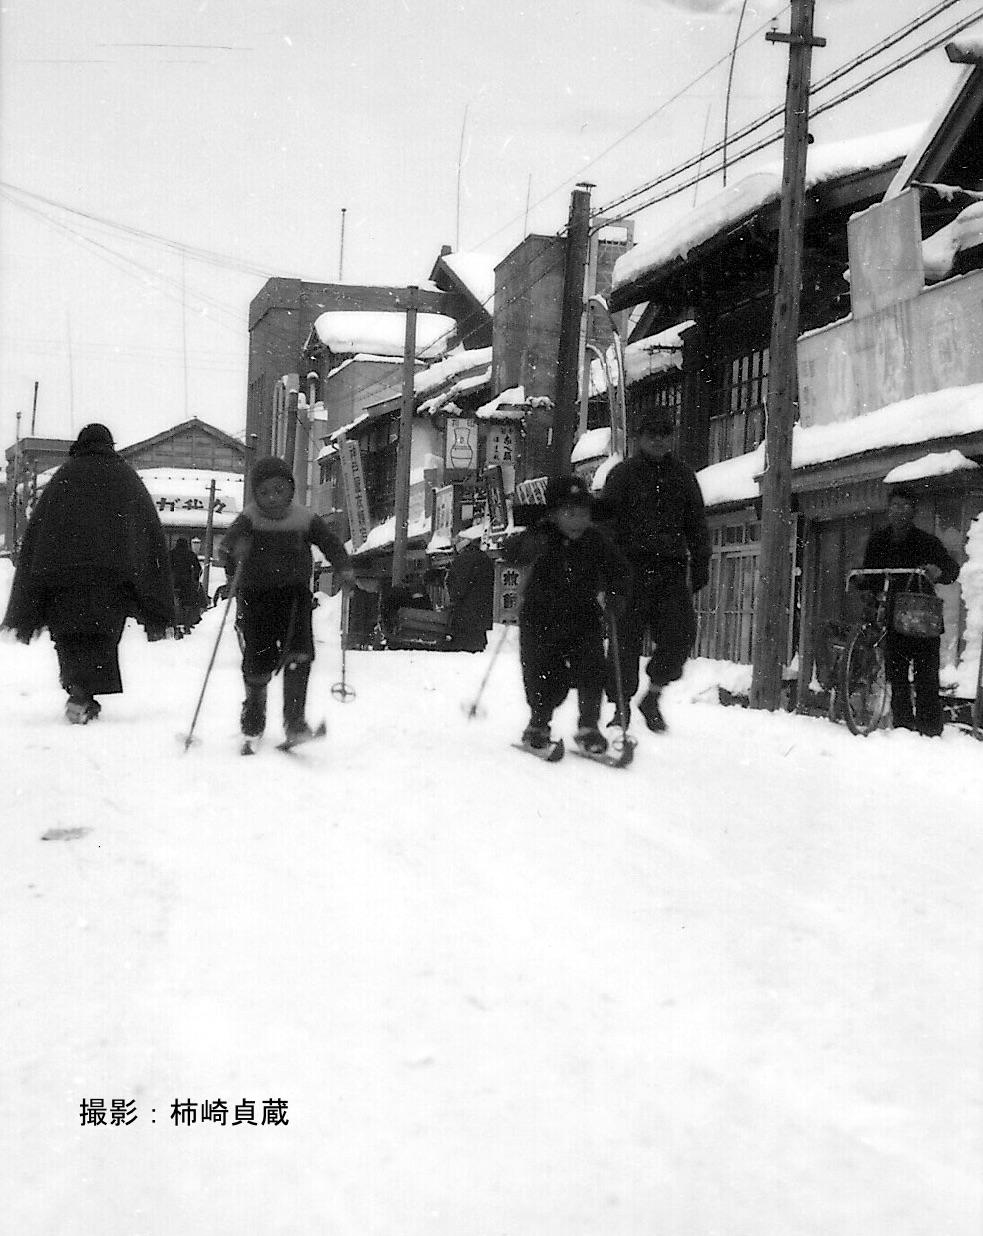 昭和15年頃の青森市柳町の街並み